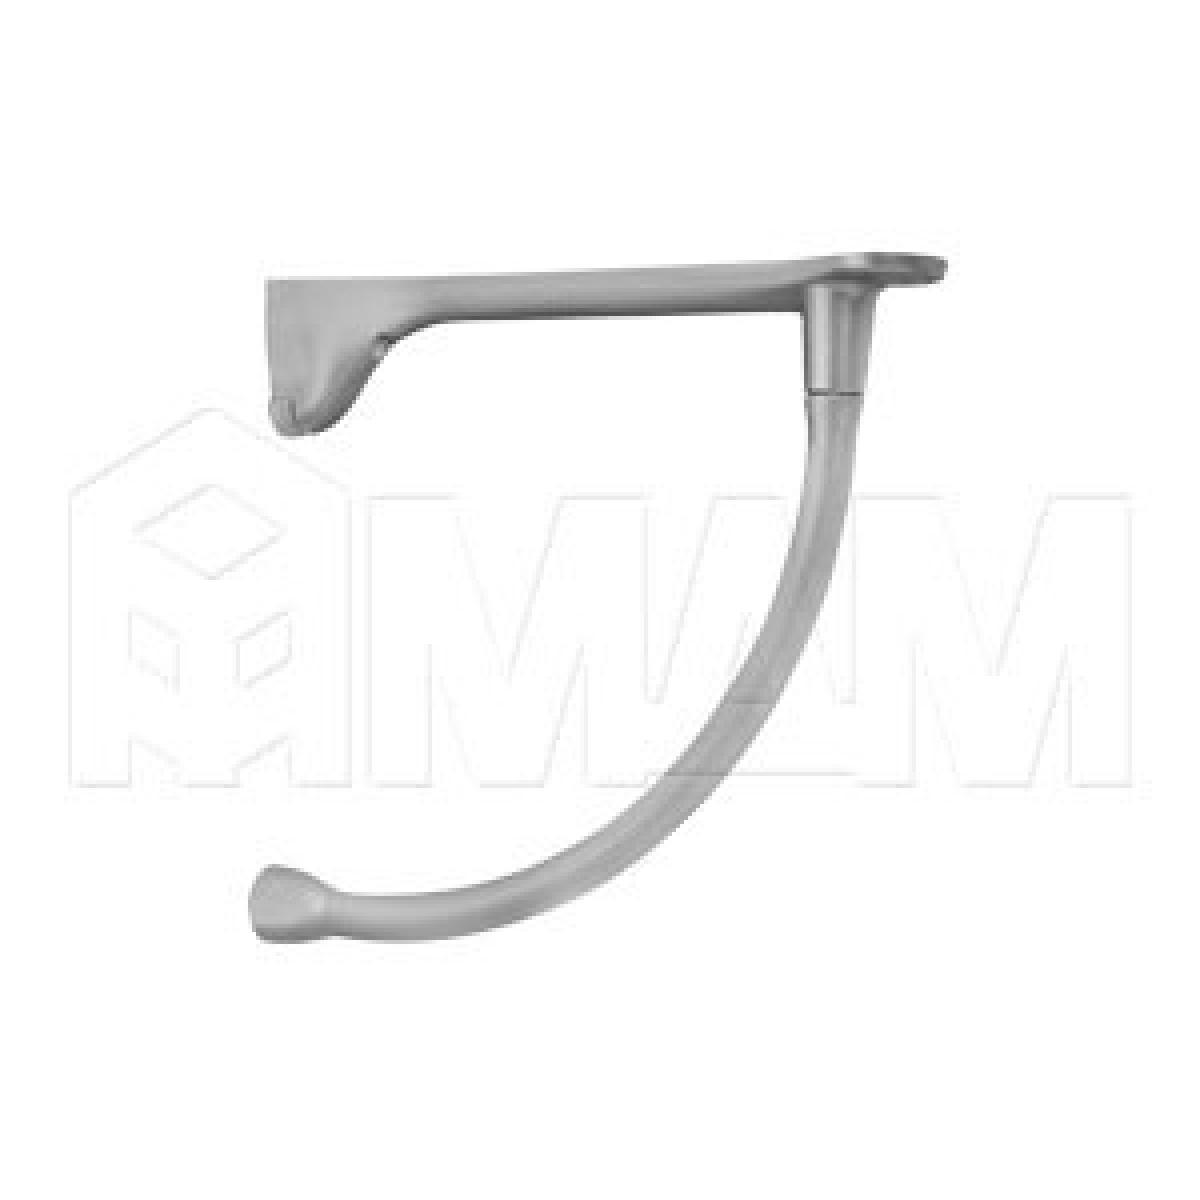 Менсолодержатель для деревянных полок L-230 мм, хром матовый (2 шт.)